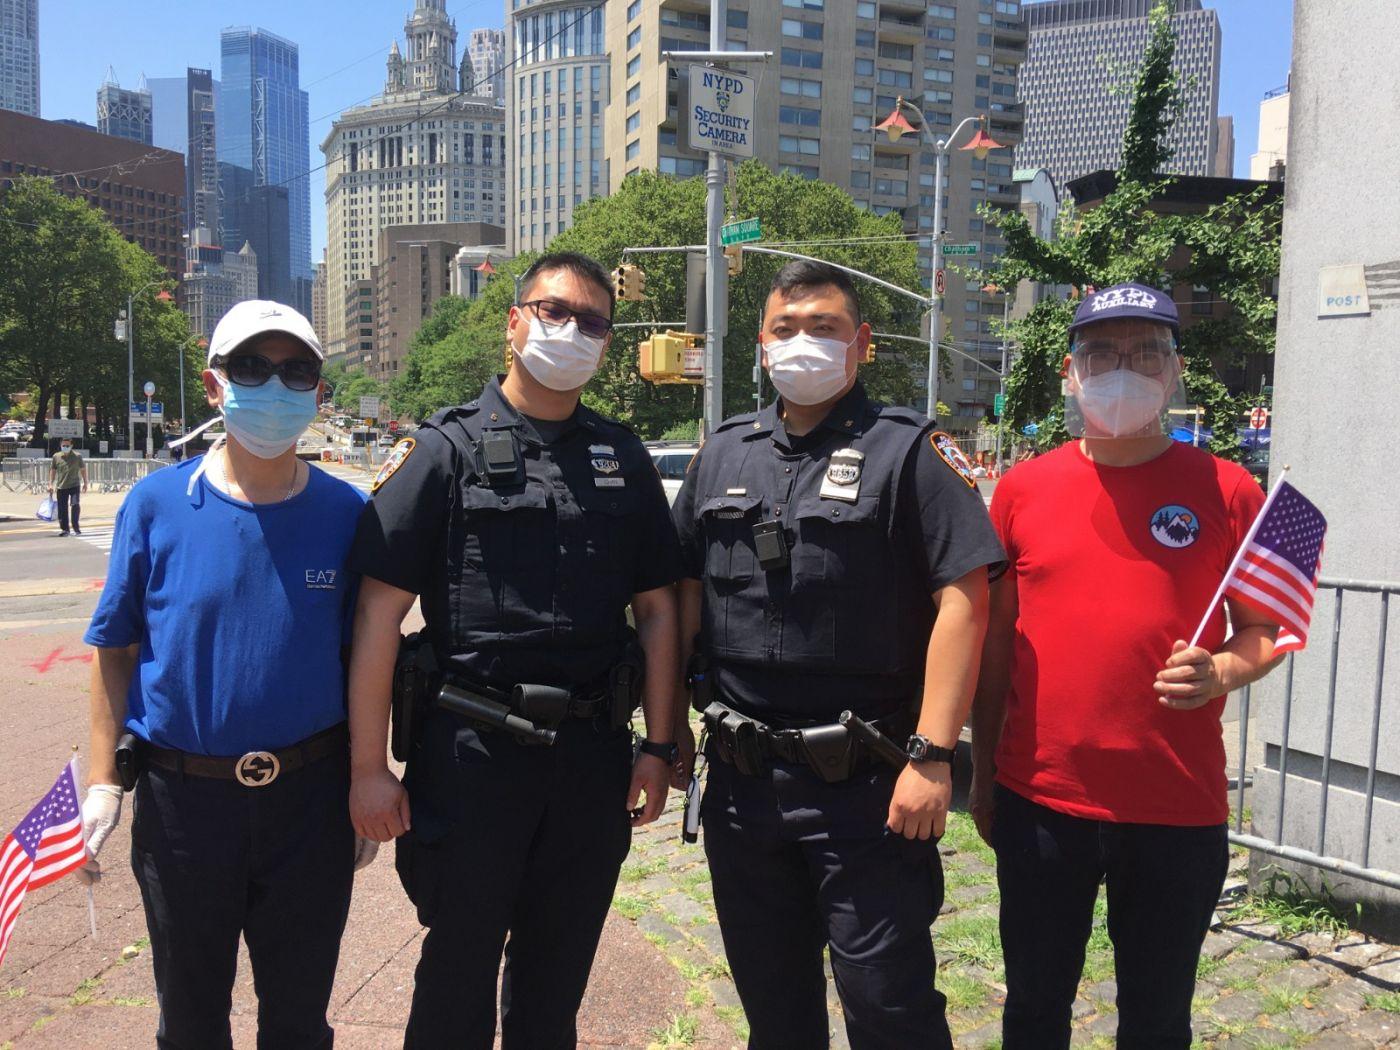 纽约华埠侨团声援支持纽约警察活动_图1-19